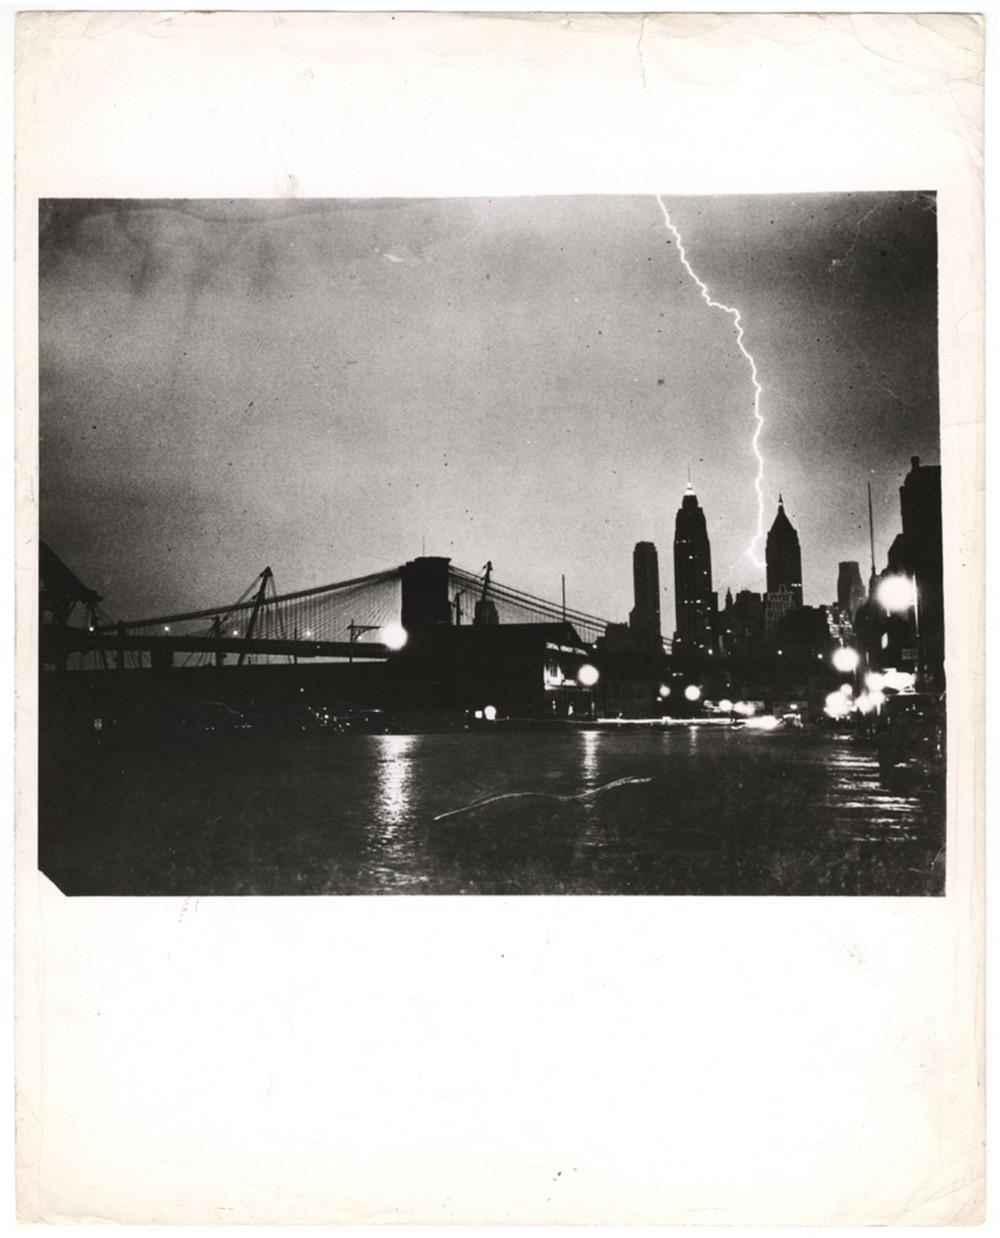 Молния, Манхэттен, Нью-Йорк, 1940